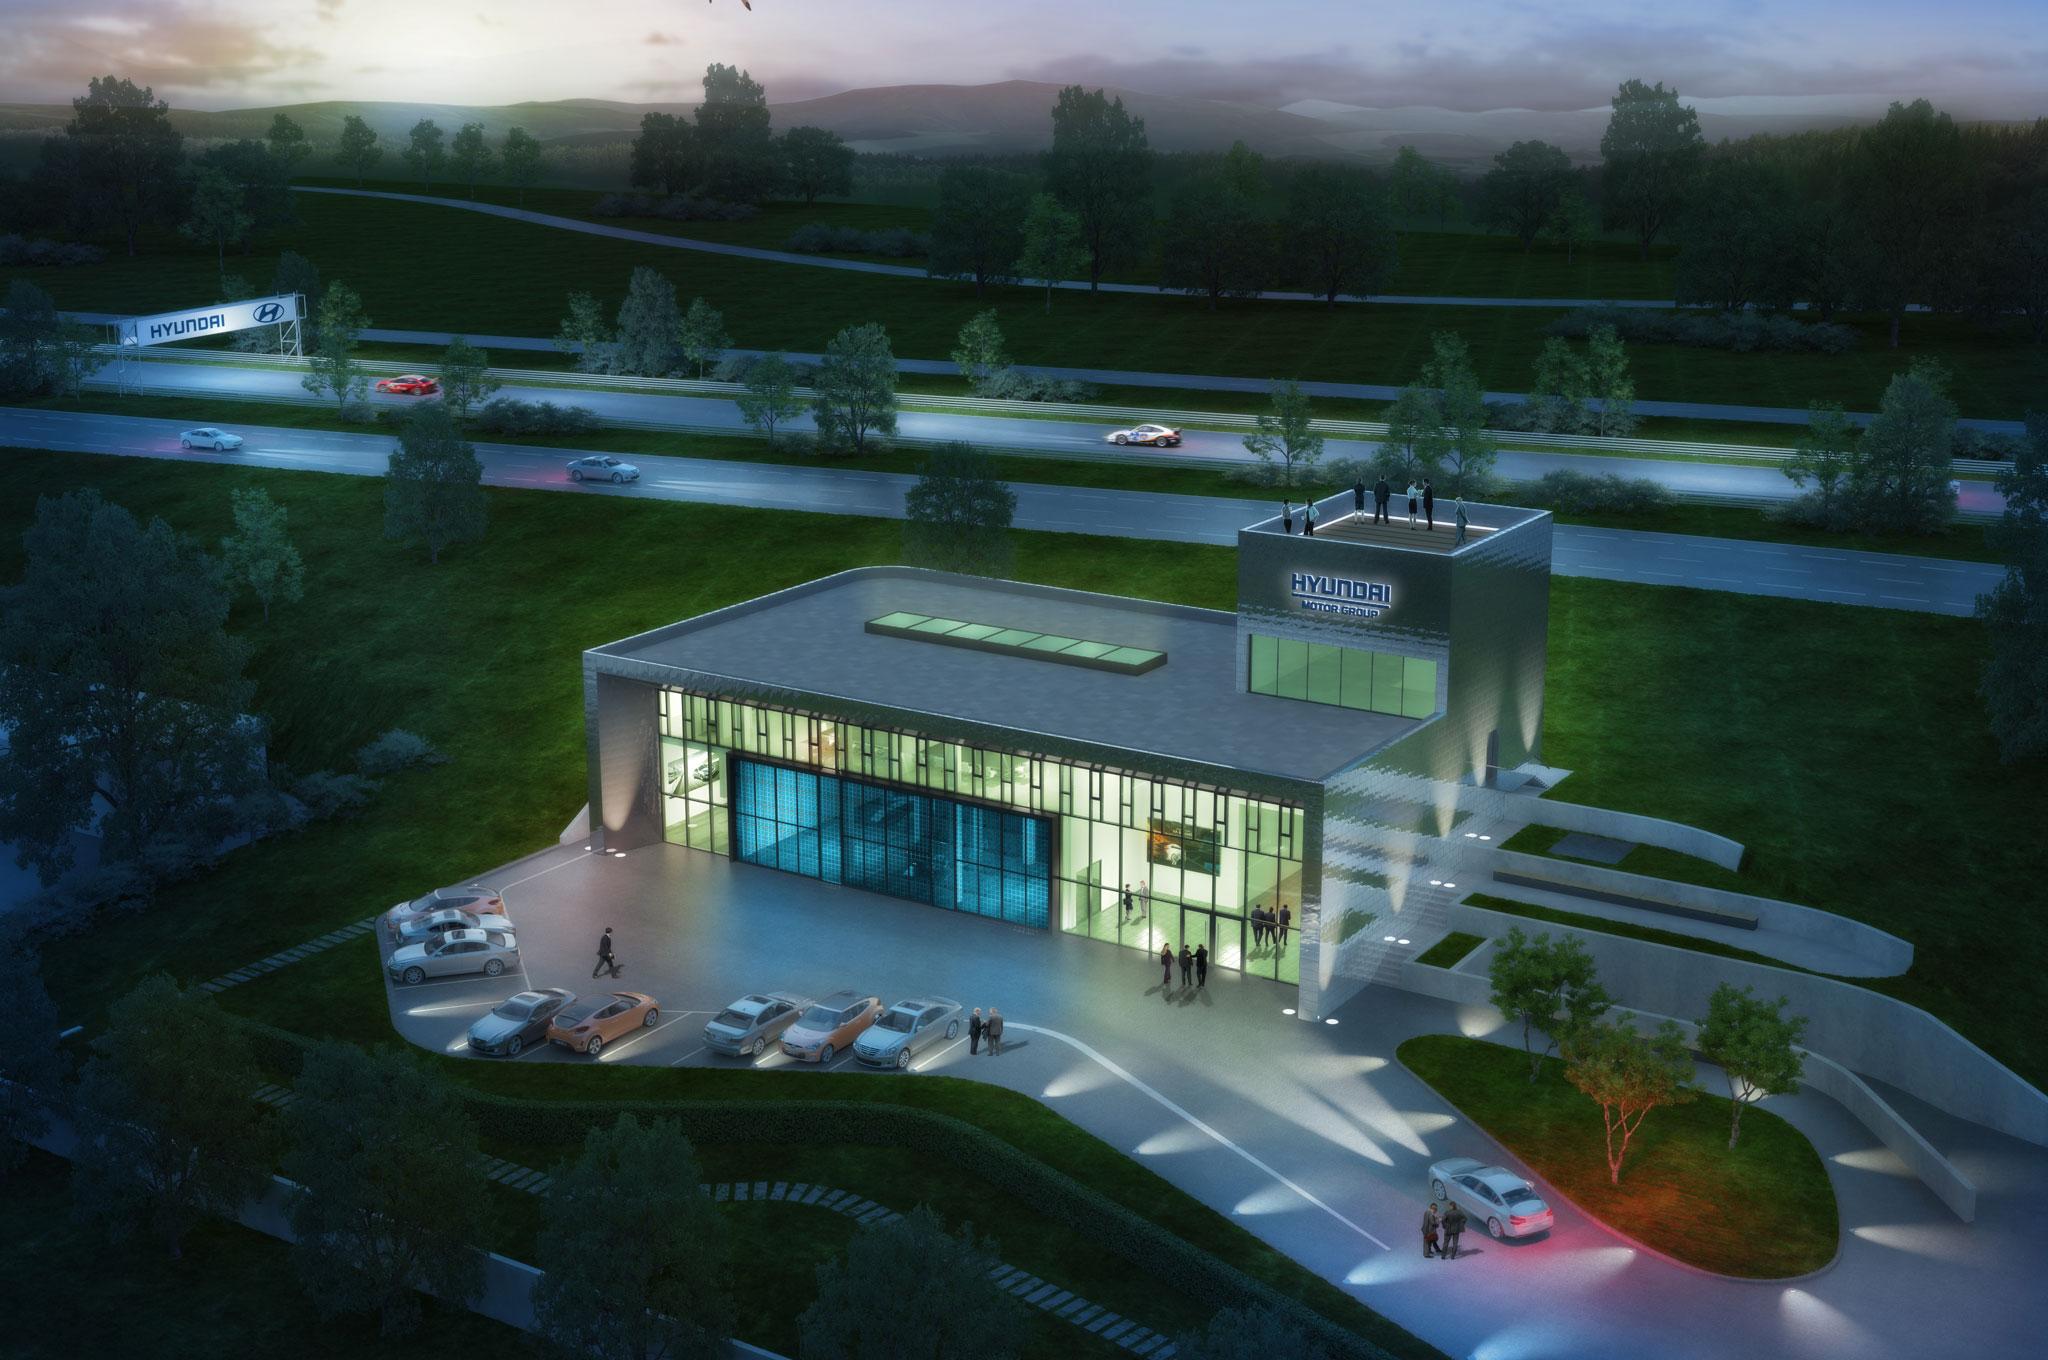 Hyundai Nurburgring Test Center Top View1